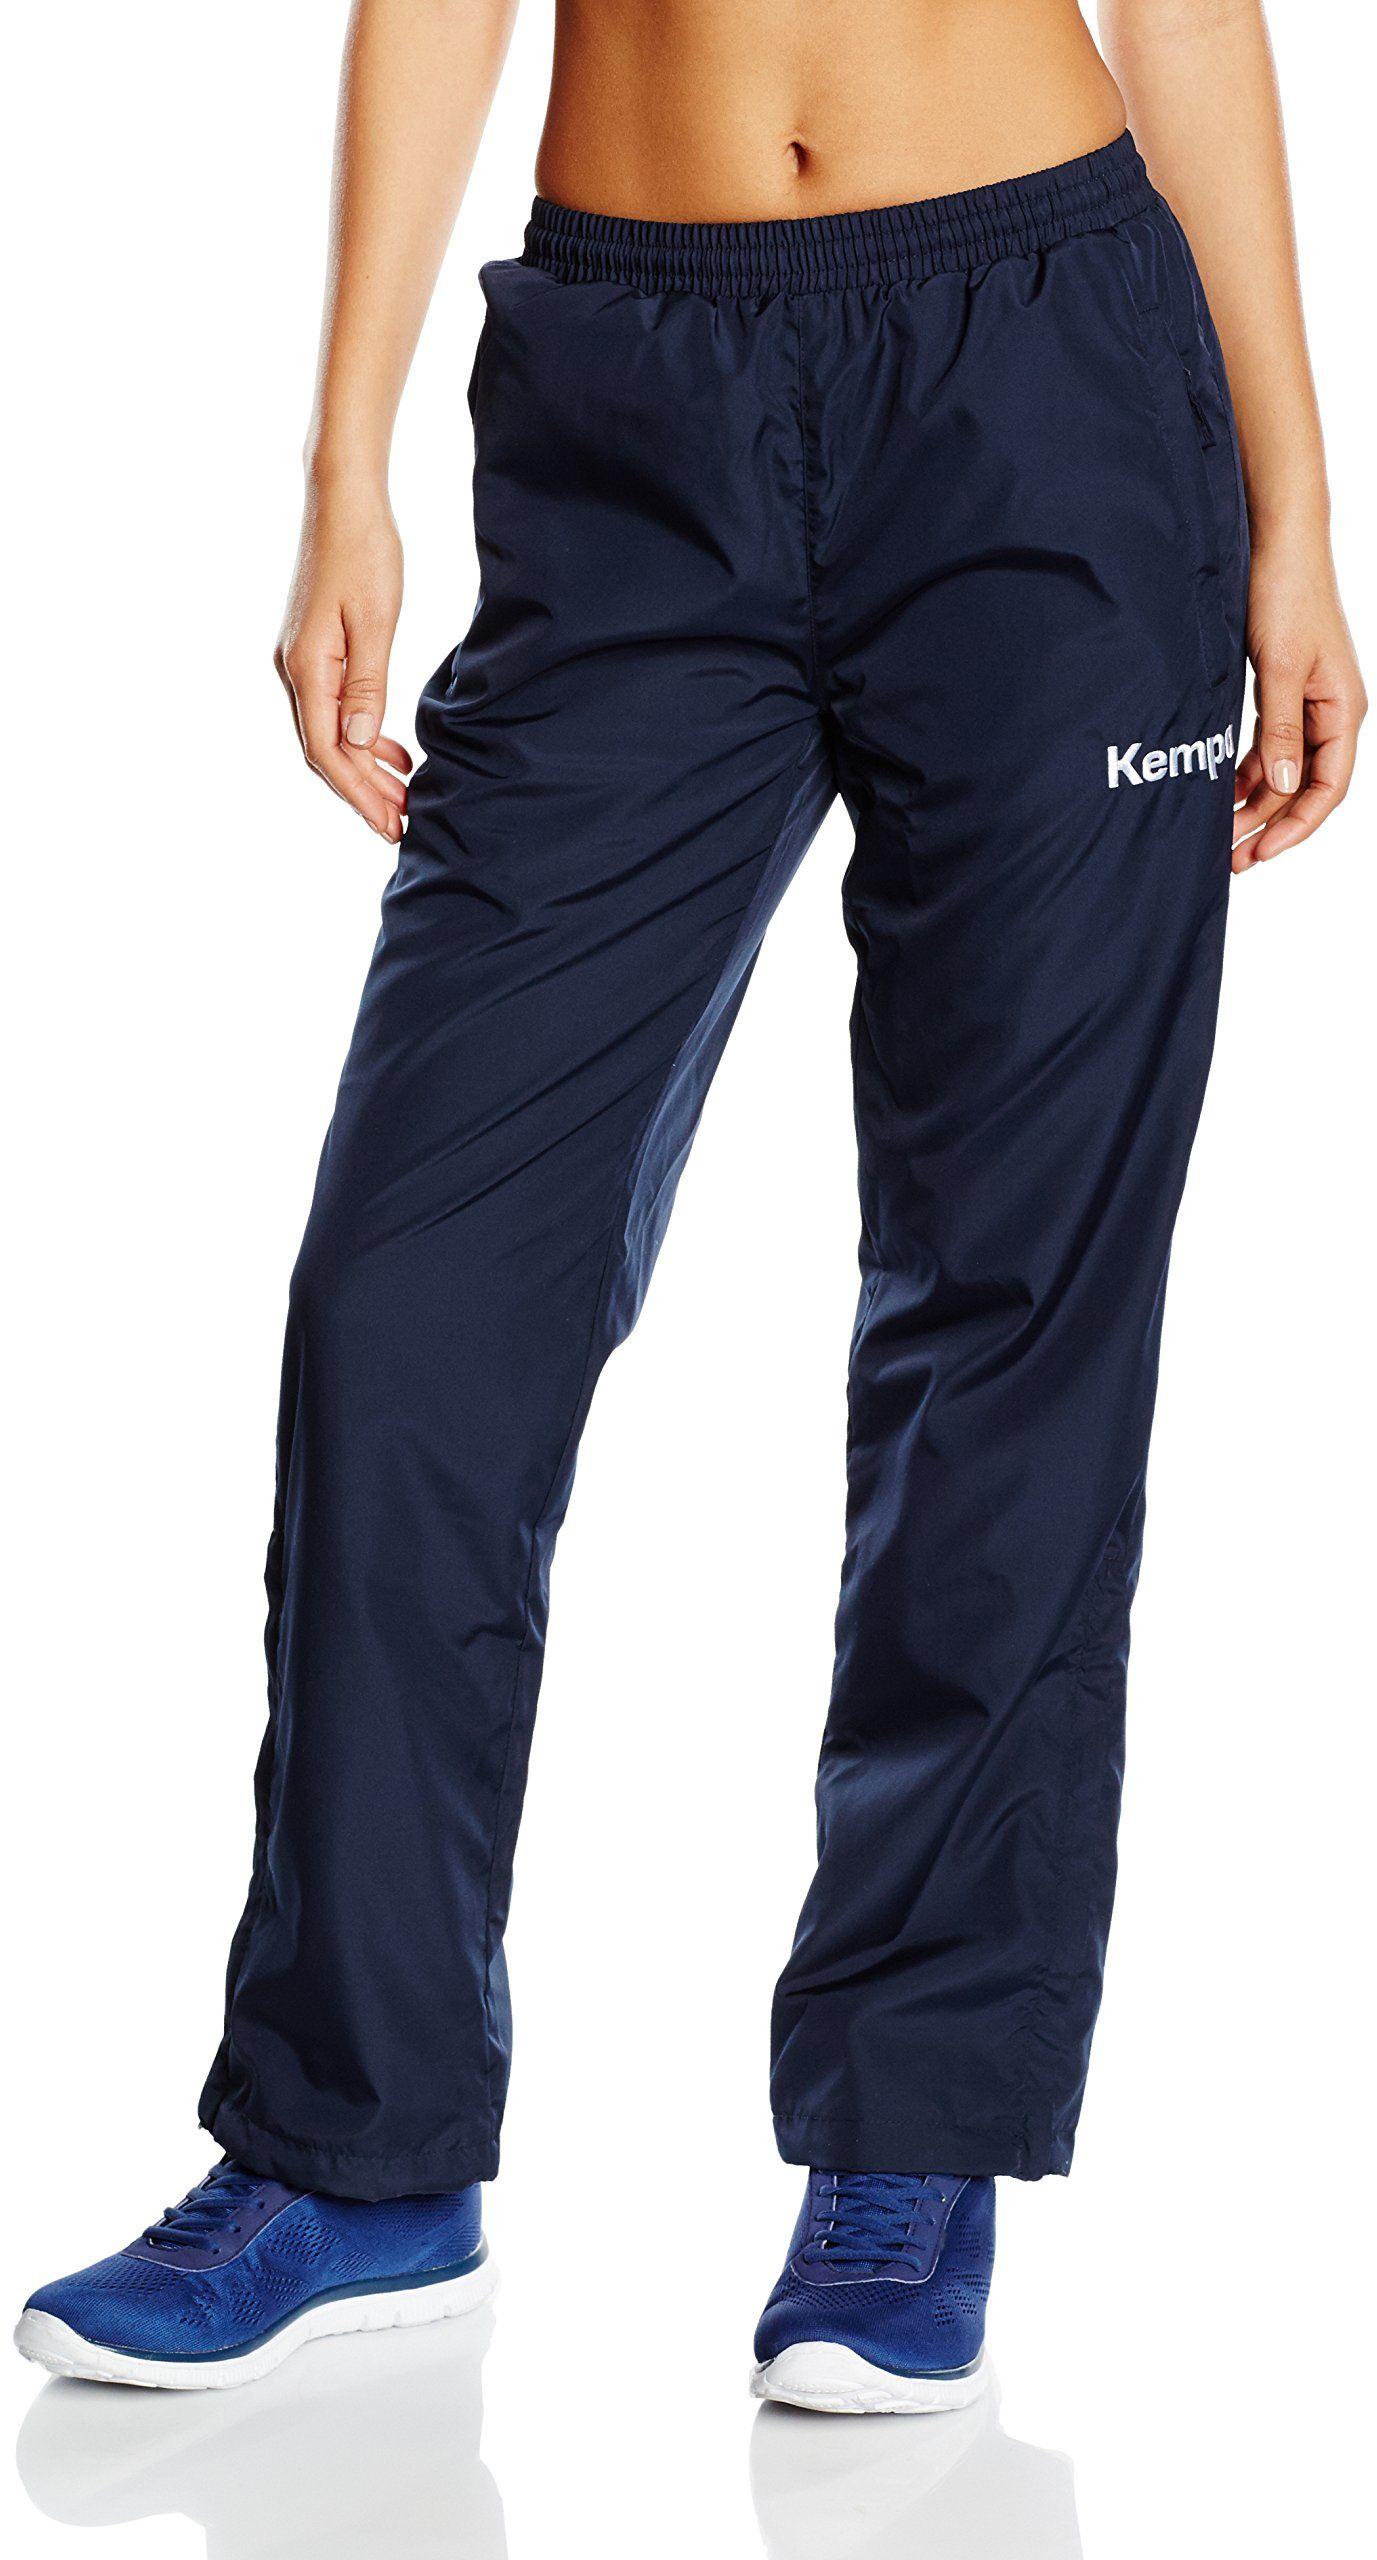 Kempa damskie spodnie prezentacyjne niebieski morski X-S